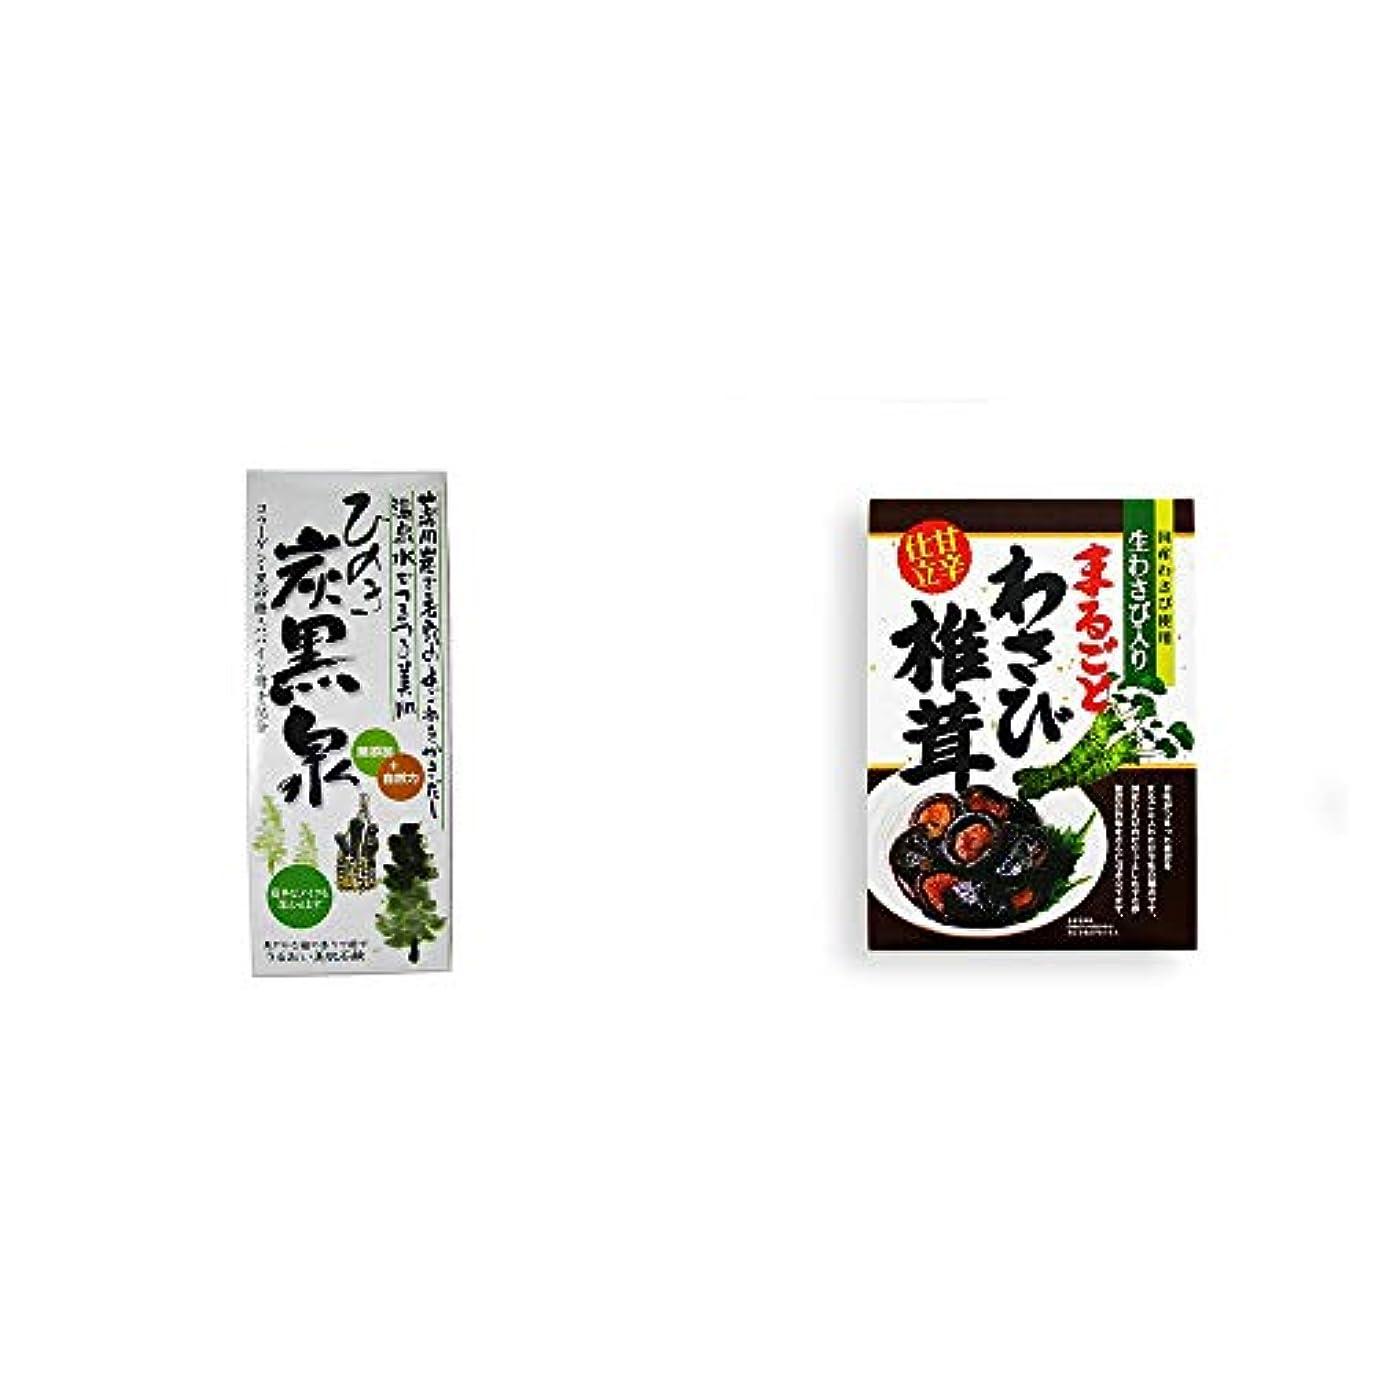 酸化物ふつう制限[2点セット] ひのき炭黒泉 箱入り(75g×3)?まるごとわさび椎茸(200g)